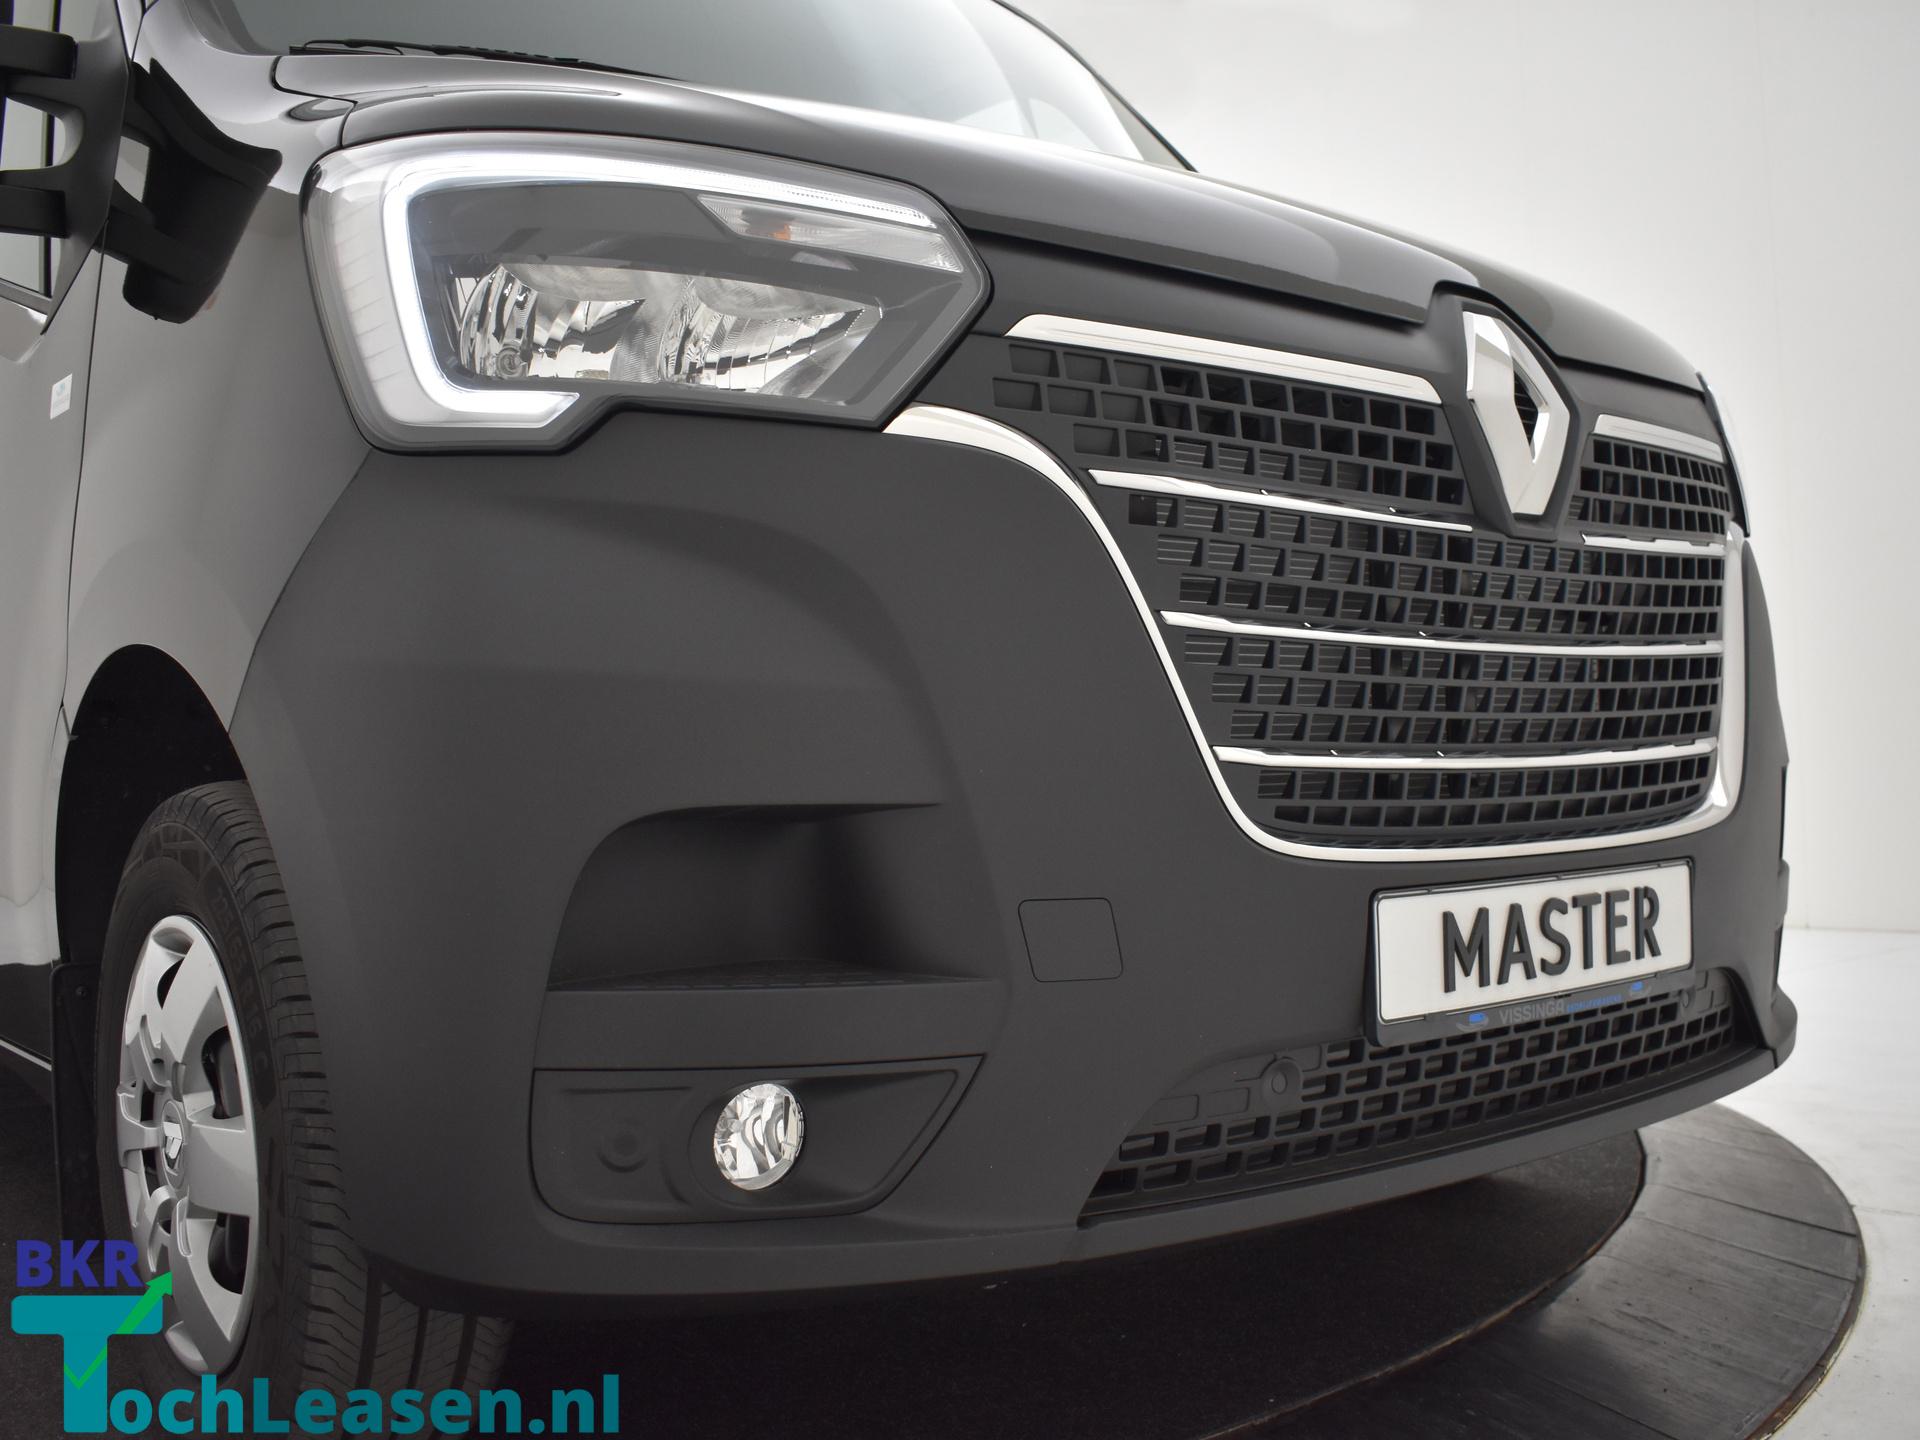 Renault Master L2H2 180 pk zwart voorkant neus BKR toch Leasen